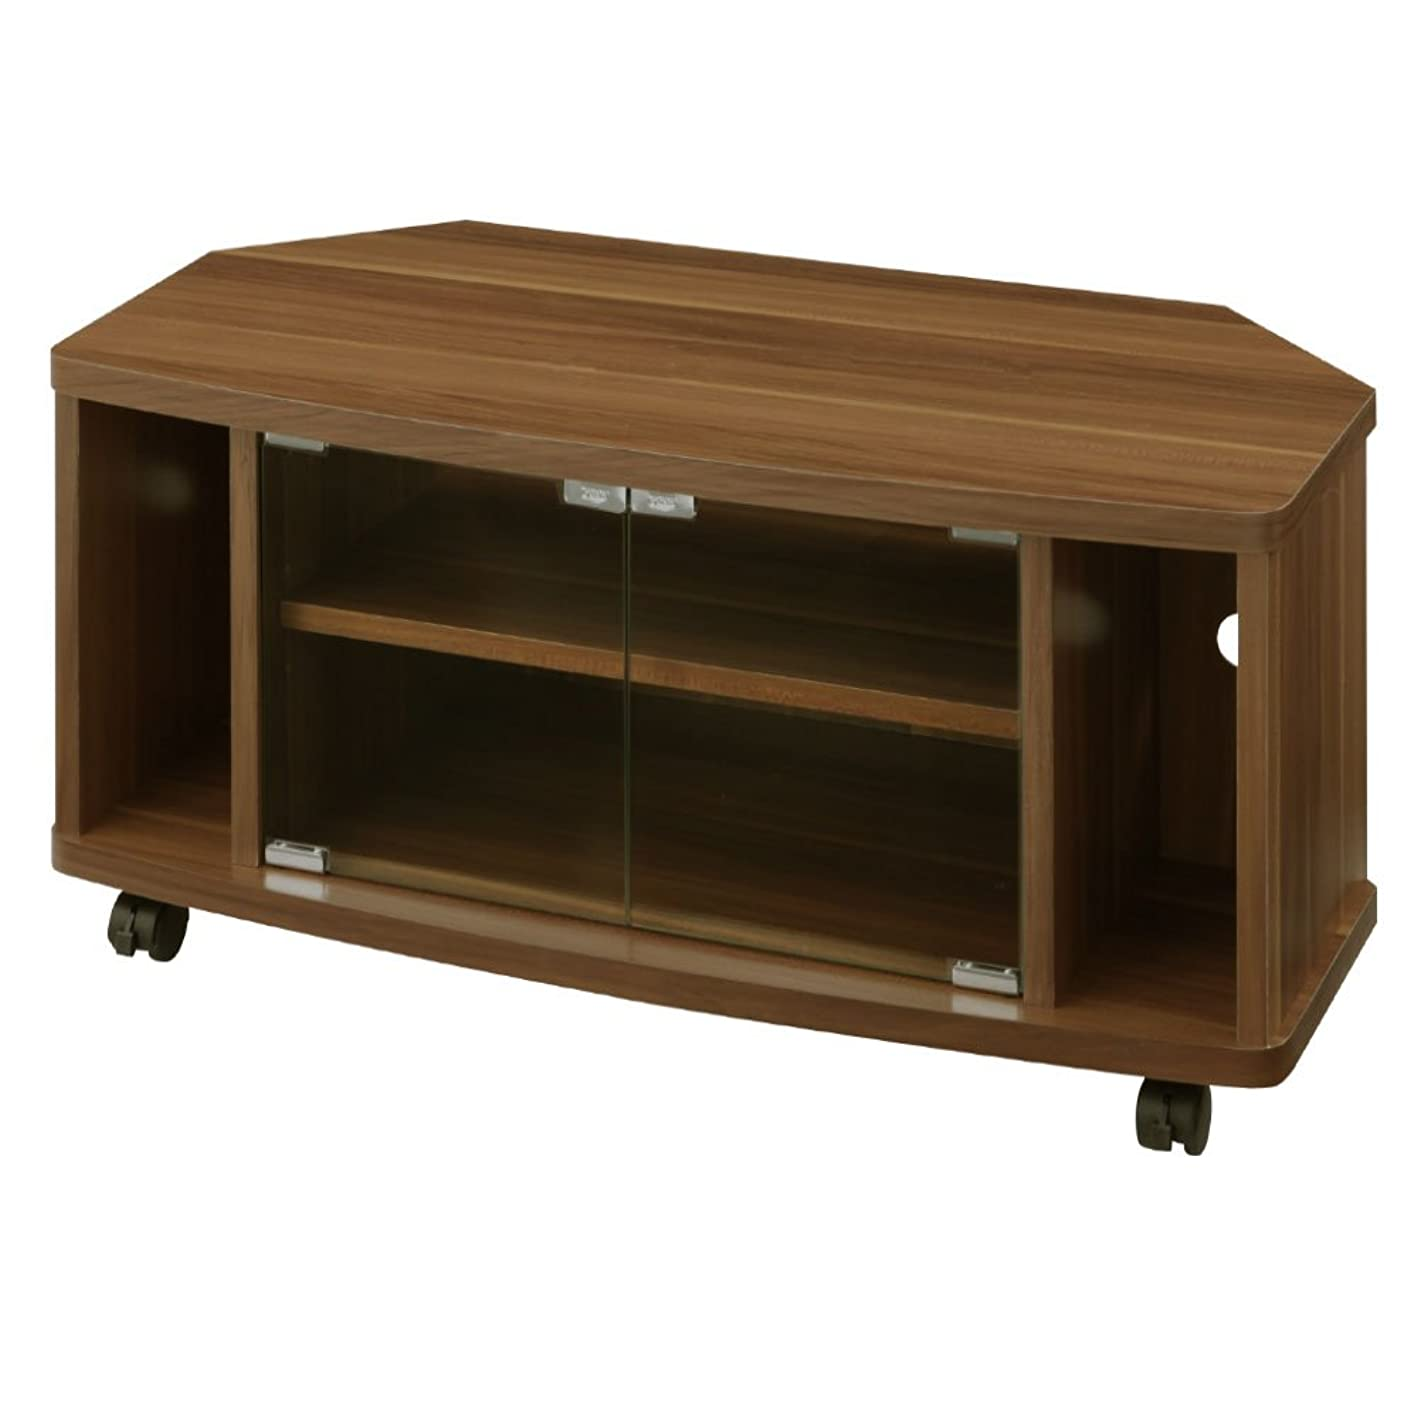 摂動くつろぎ研磨ぼん家具 テレビ台 32型 コーナー 木製 扉付き オーディオラック 幅80cm ウォールナット